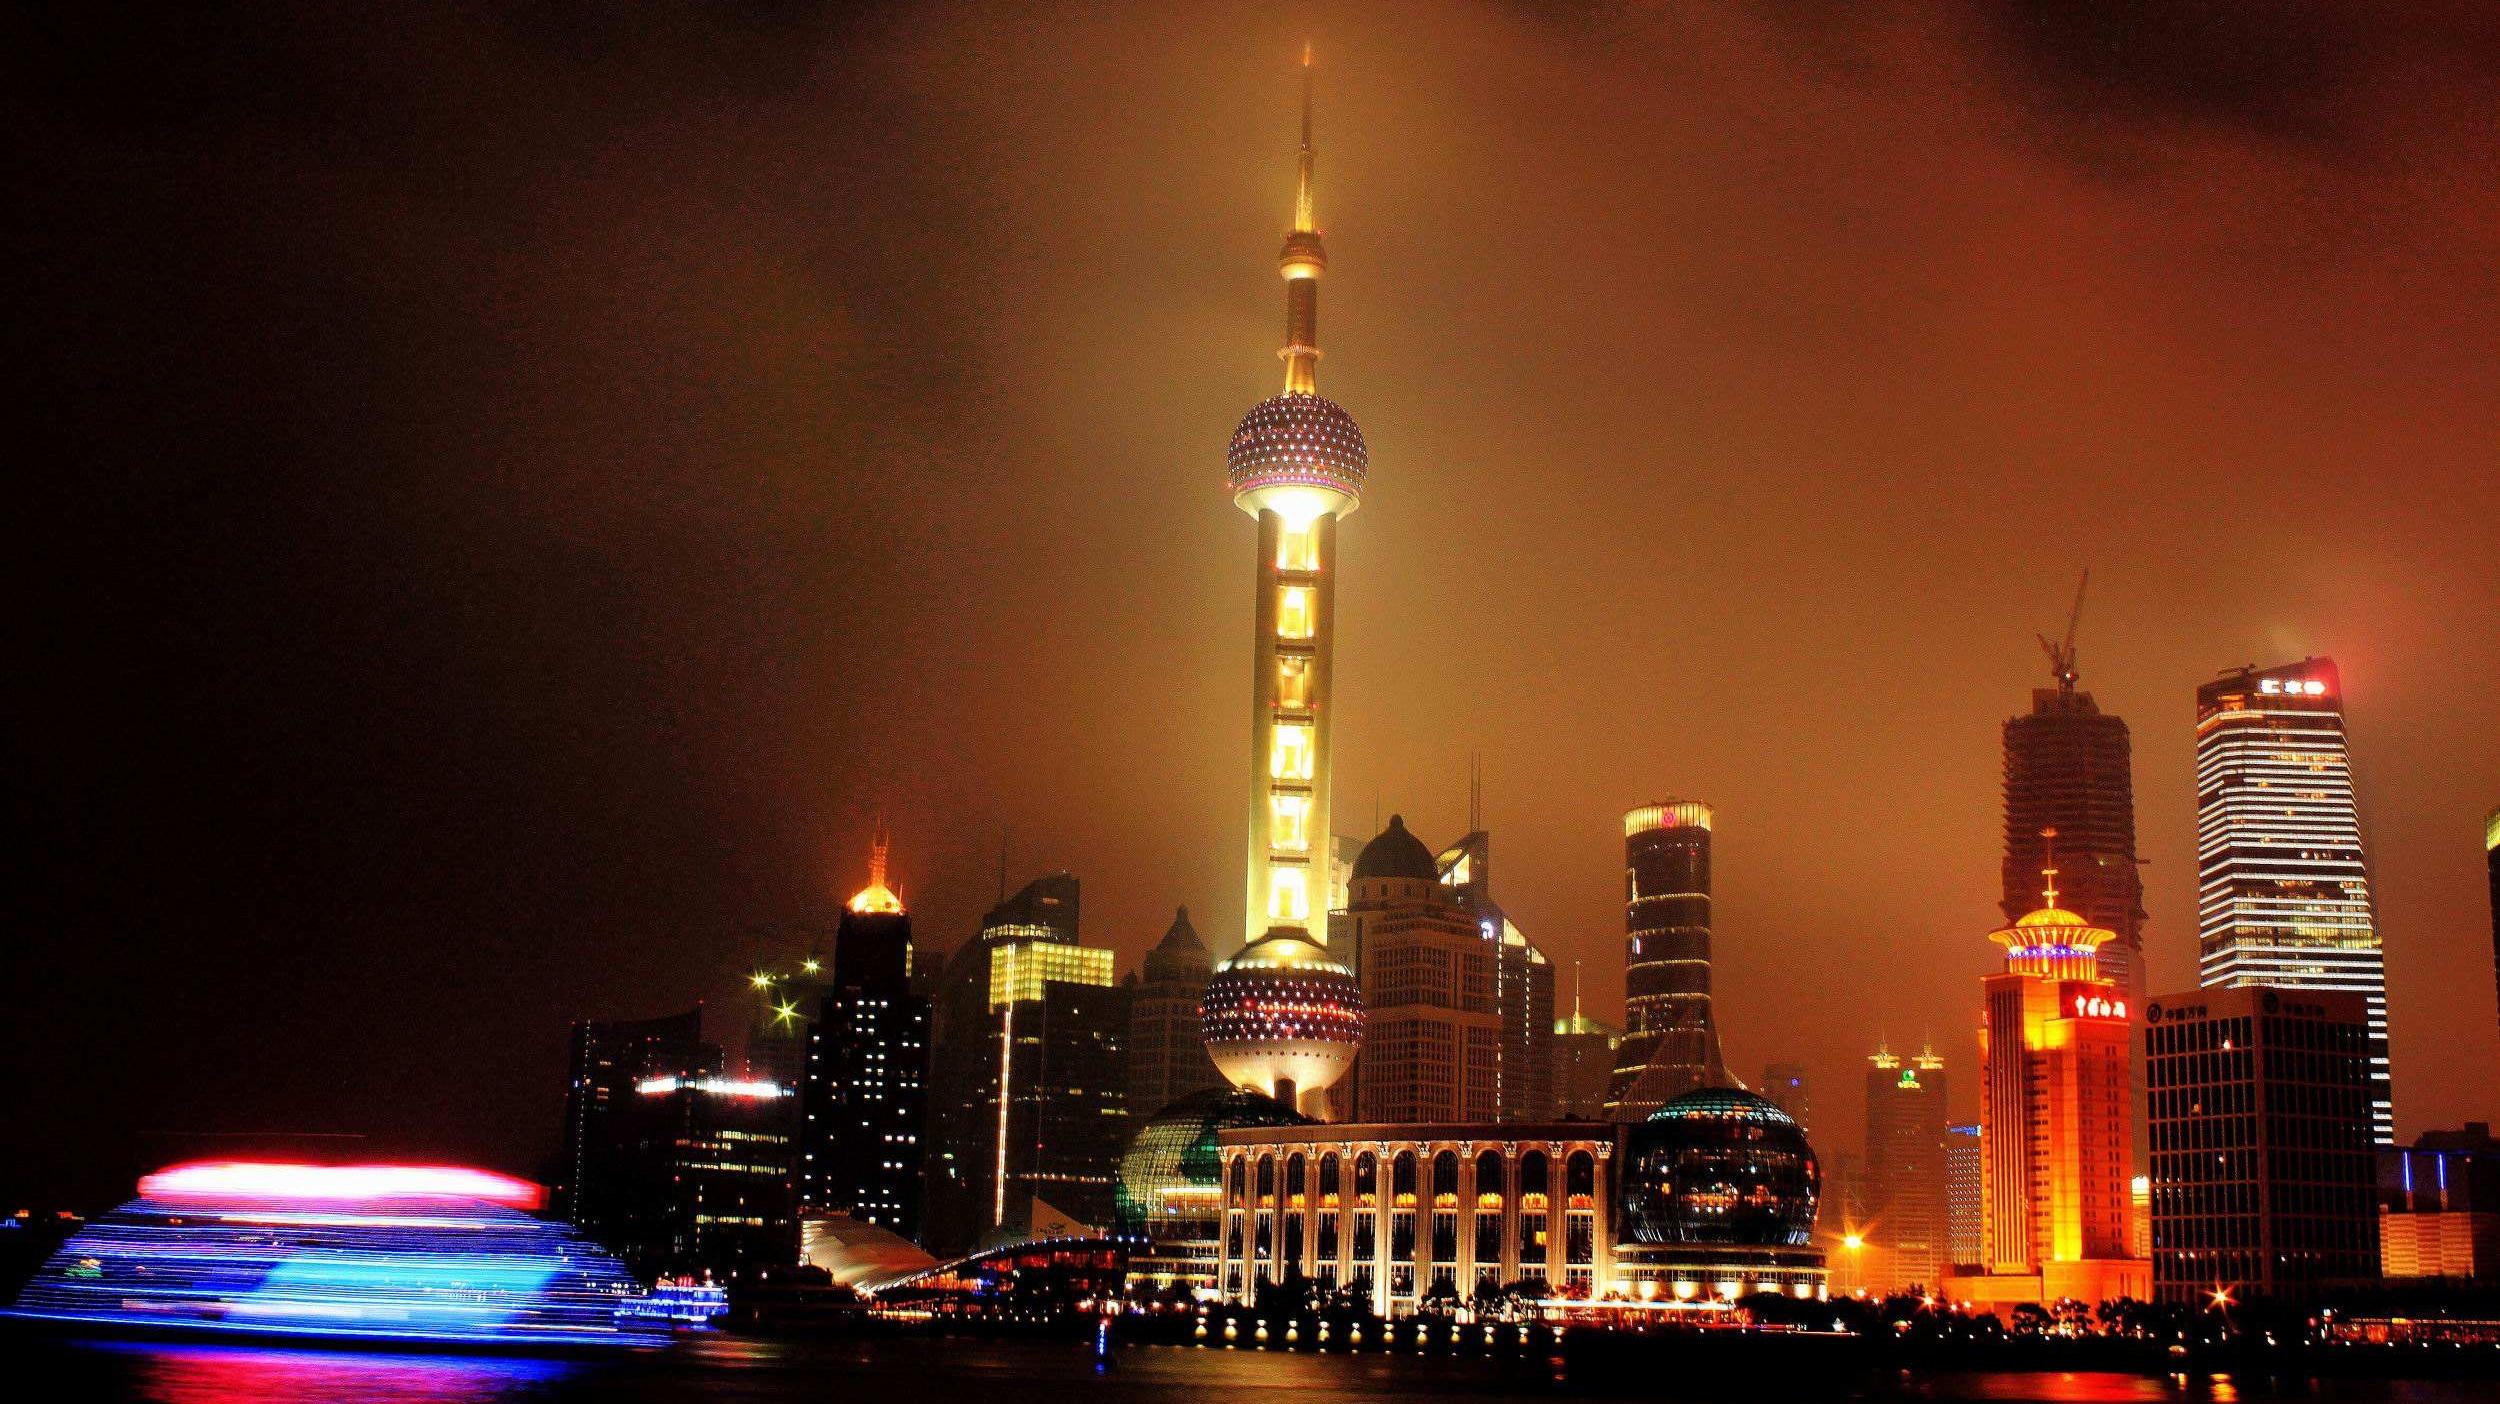 上海迪士尼热门项目,点?#21015;?#20013;奇梦!